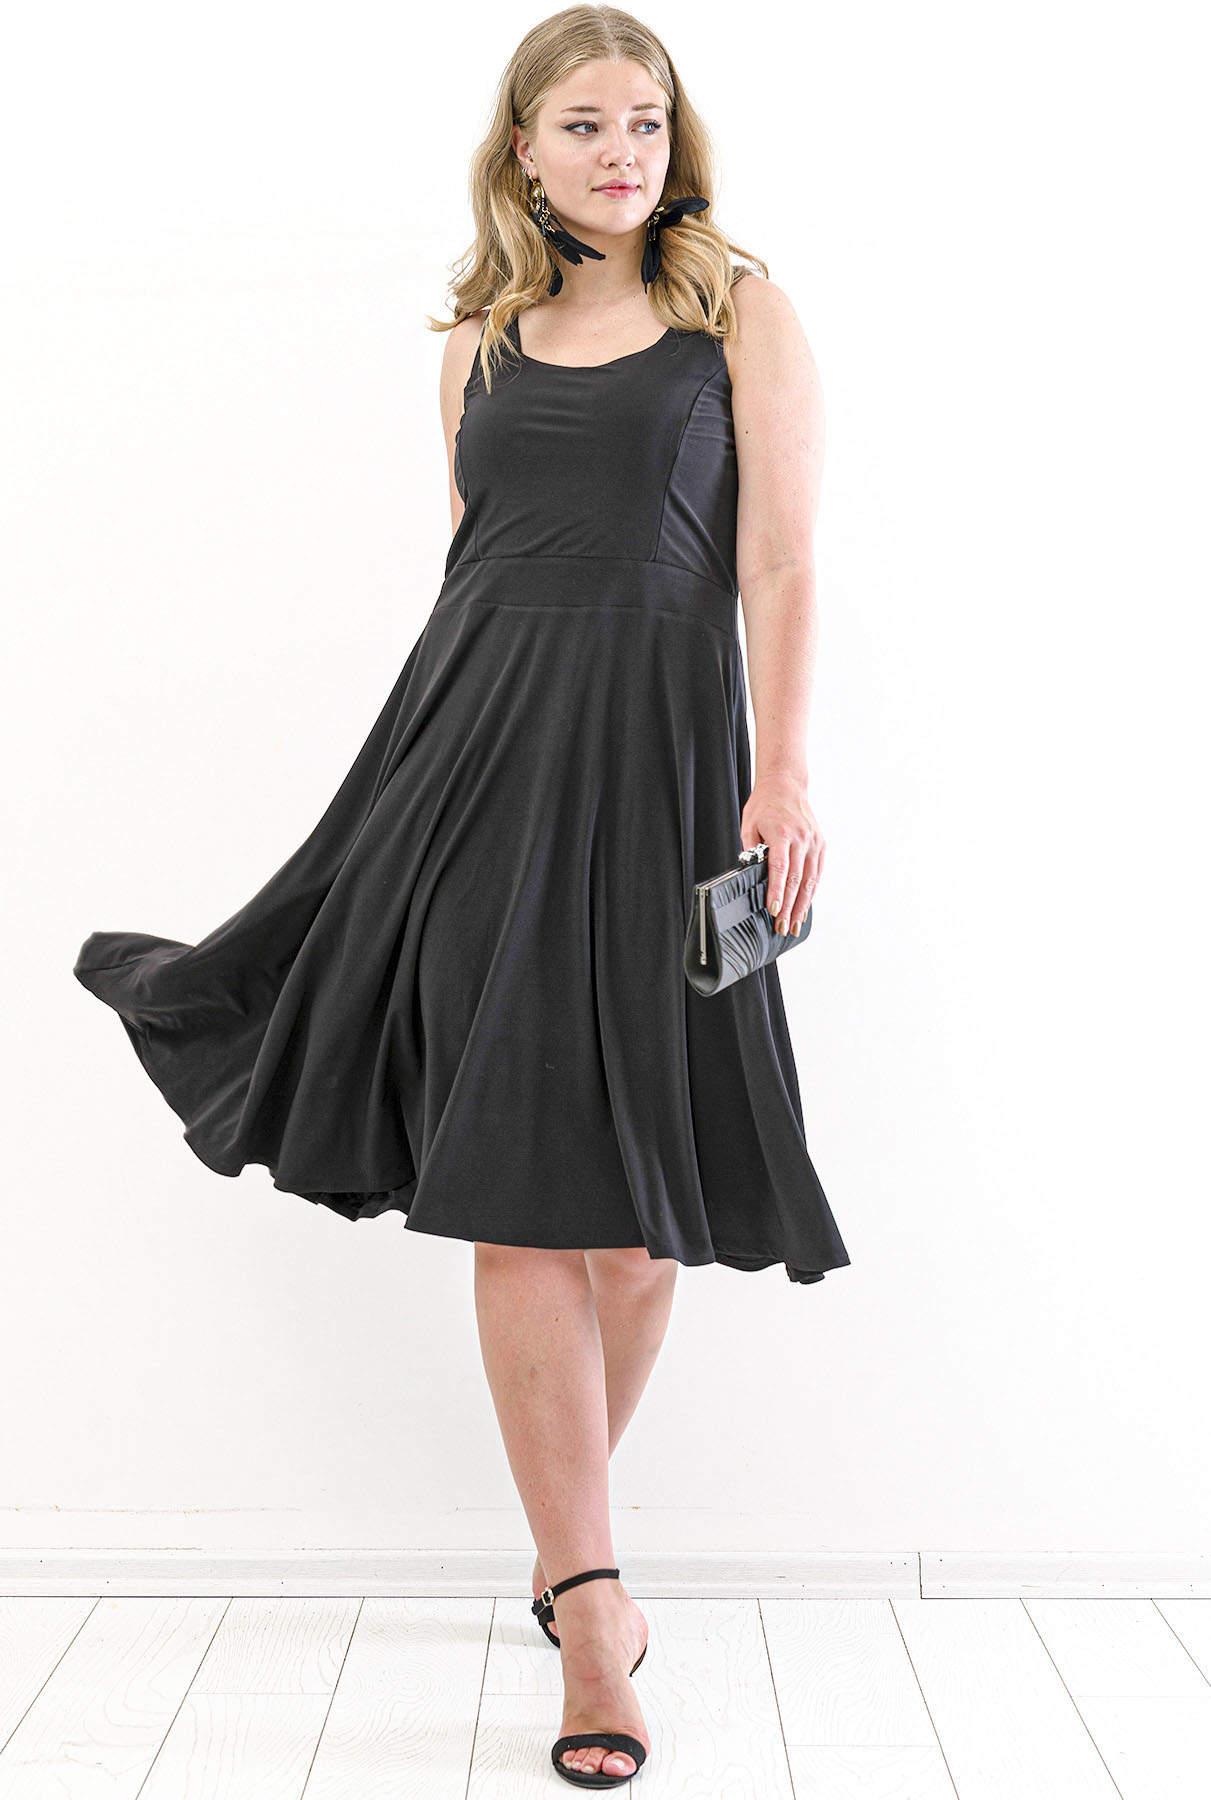 Schwarzes knielanges Kleid mit Riemendetail